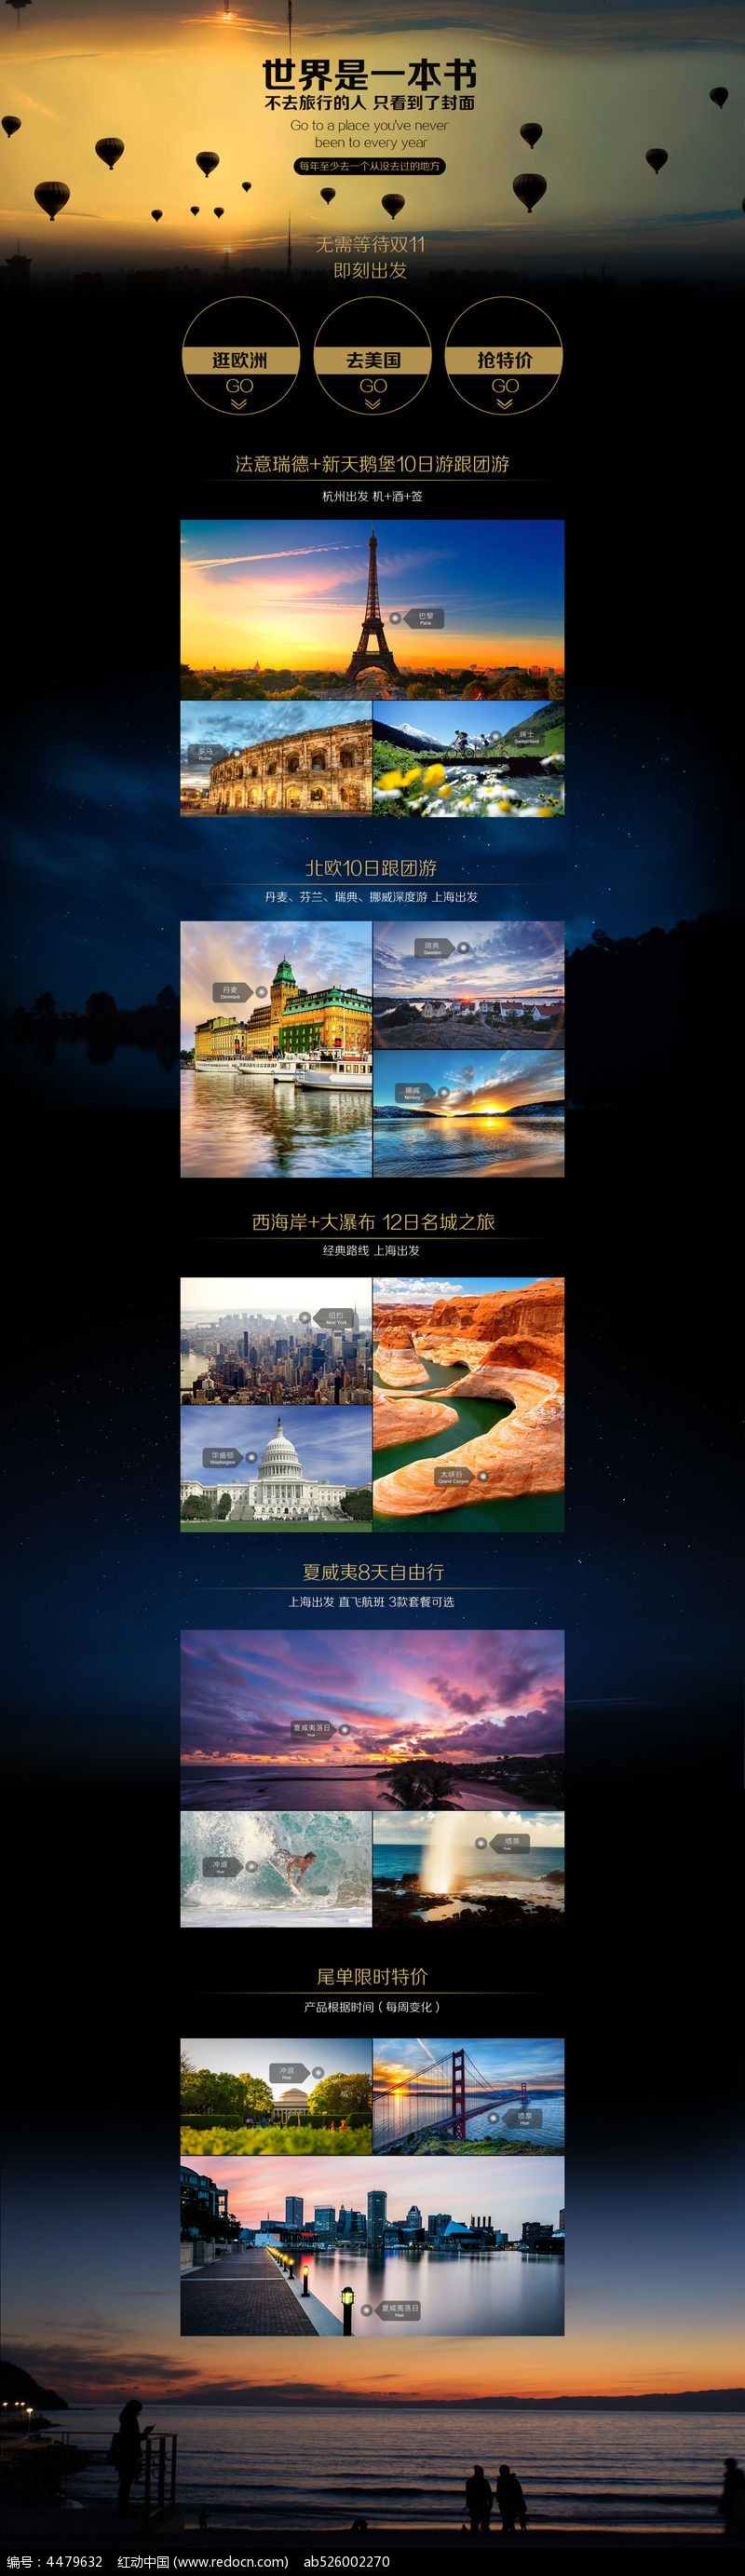 世界旅游日网页专题页面设计